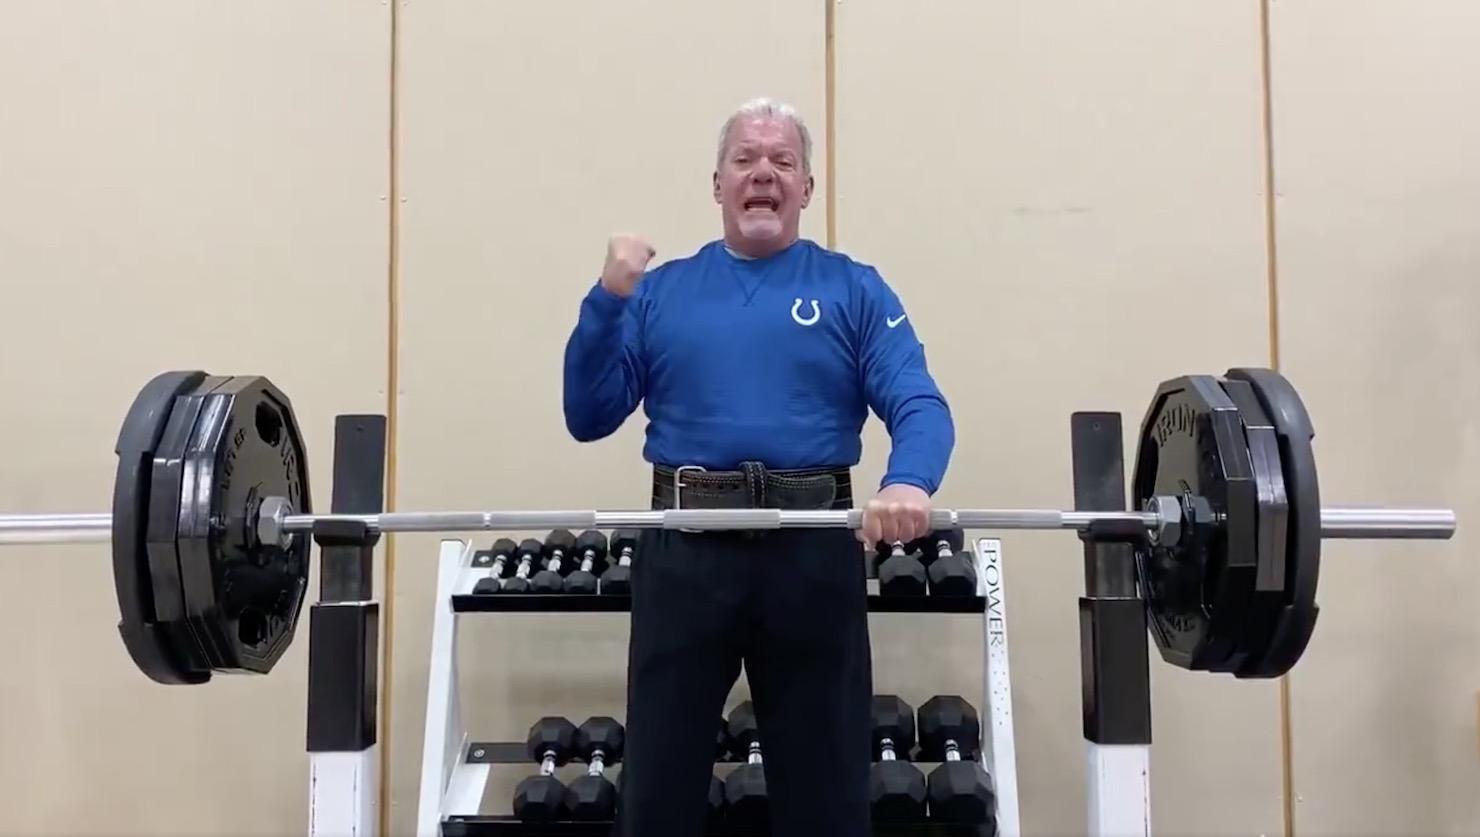 Jim Irsay lifts weights